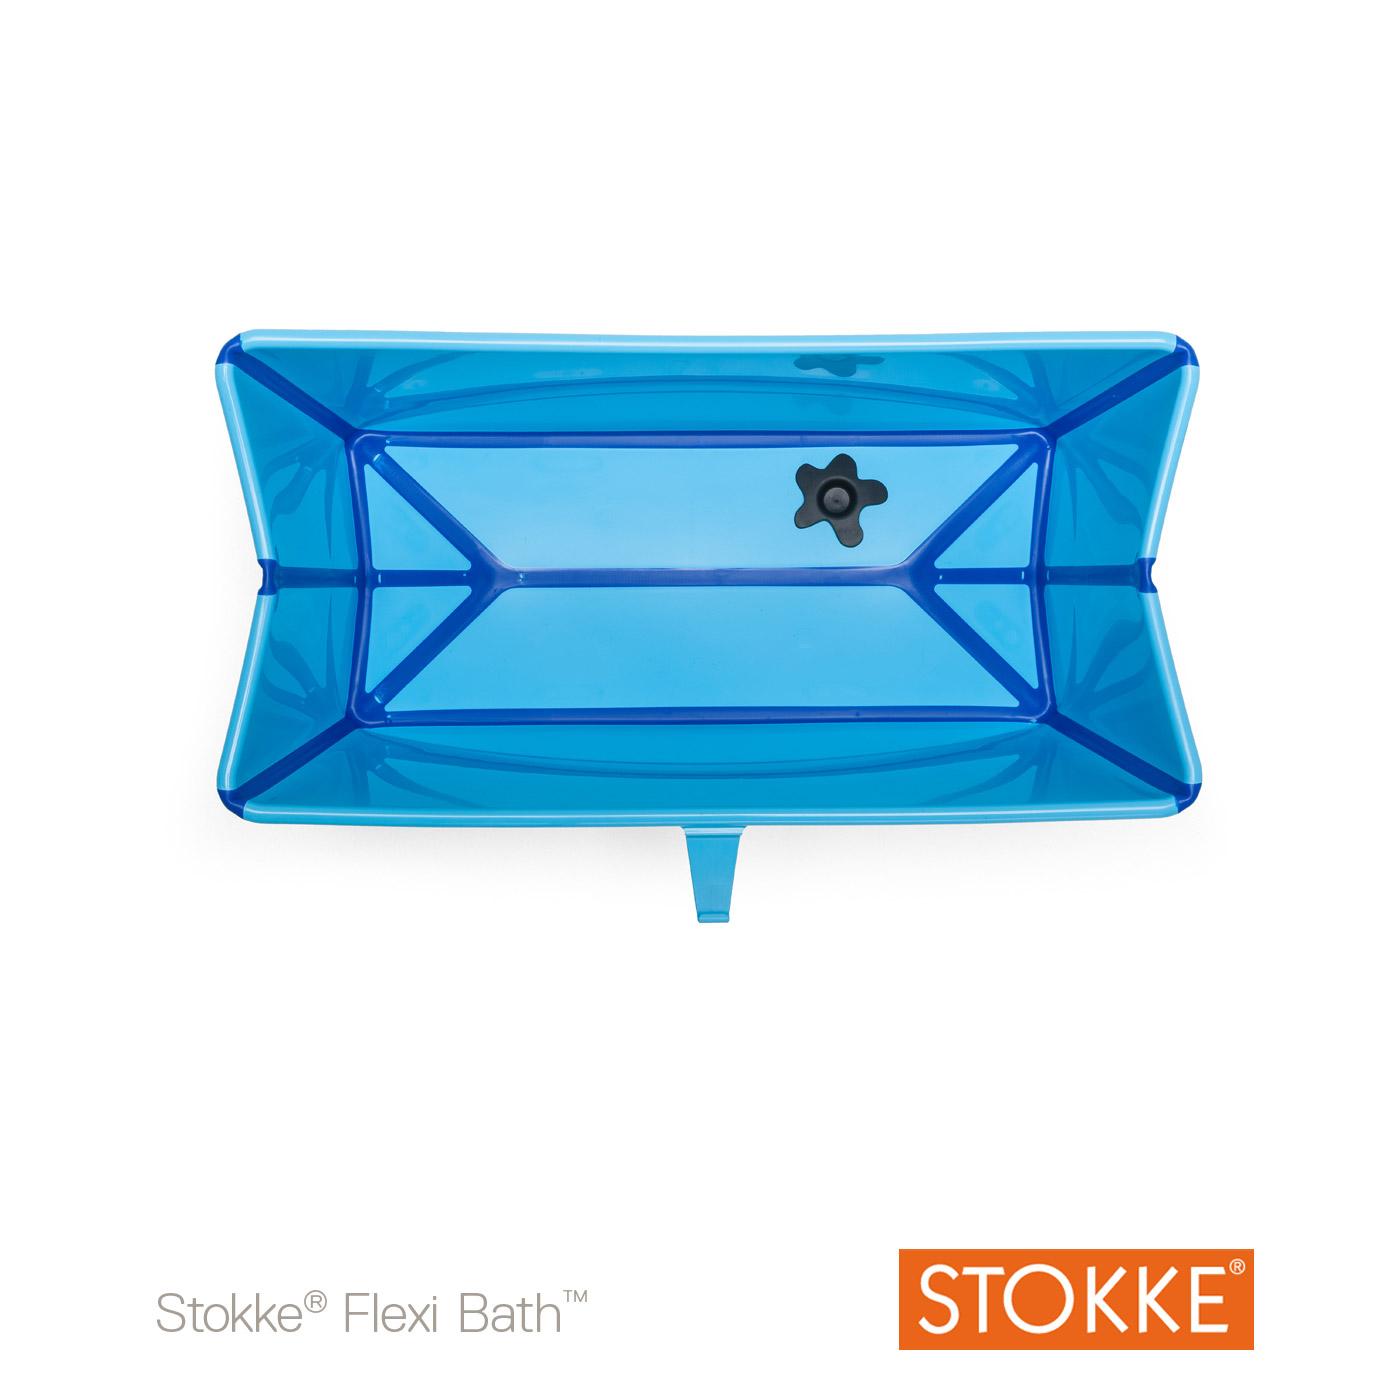 H-stokke-323551_1